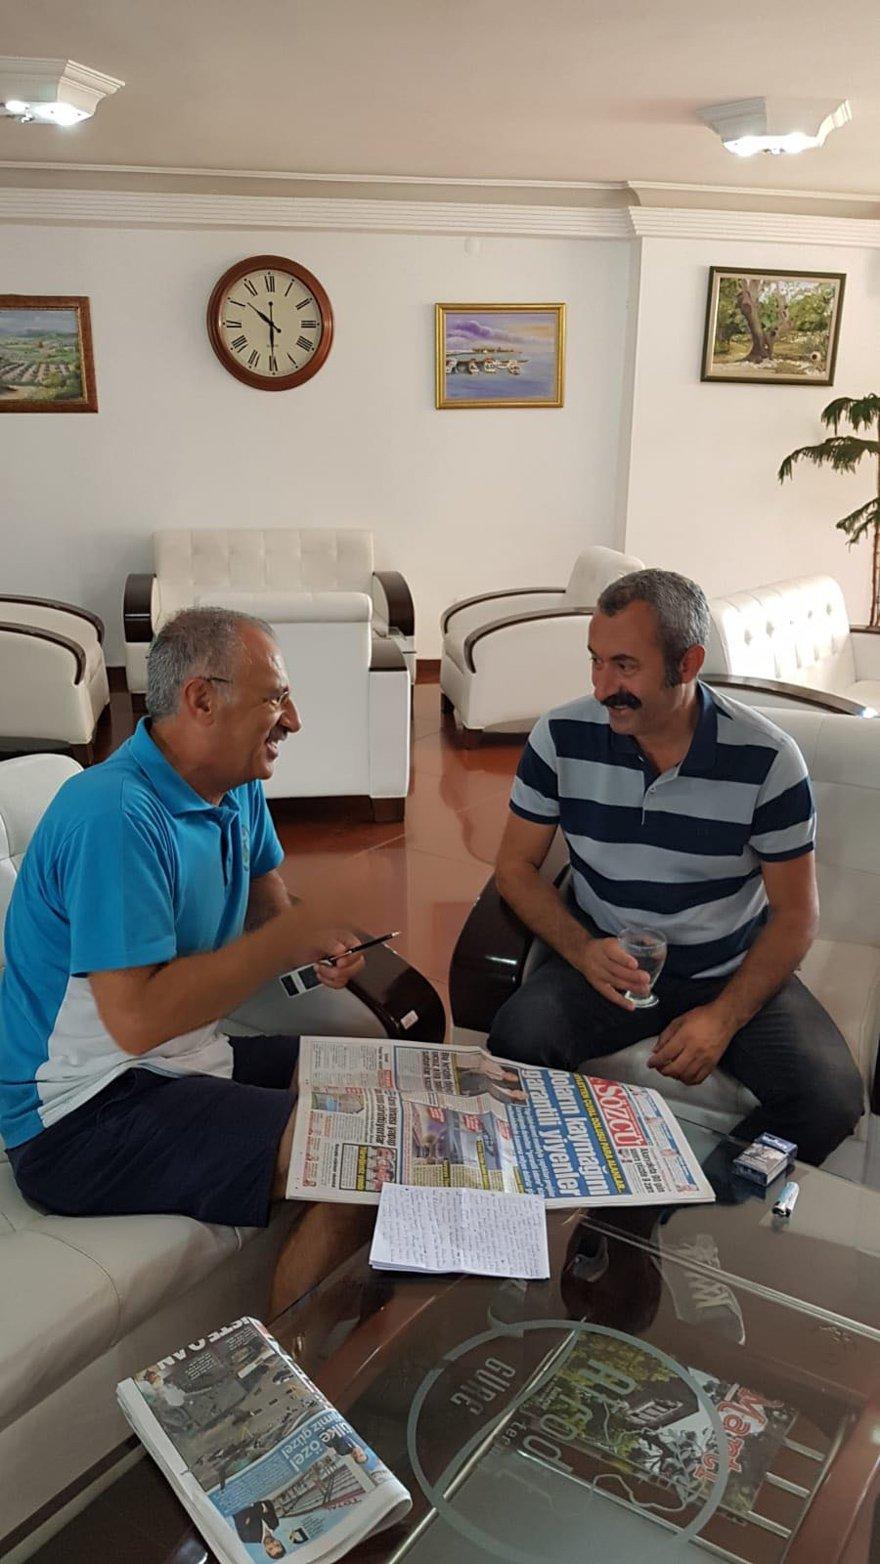 MAKAM ARACI YOK, MAAŞI İŞÇİDEN AZ Tunceli'nin Ovacık İlçesi Belediye Başkanı Fatih Mehmet Maçoğlu, Ankara Temsilcimiz Saygı Öztürk'ün sorularını yanıtladı. Maçoğlu'nun makam aracı yok, maaşı ise işçilerden az.